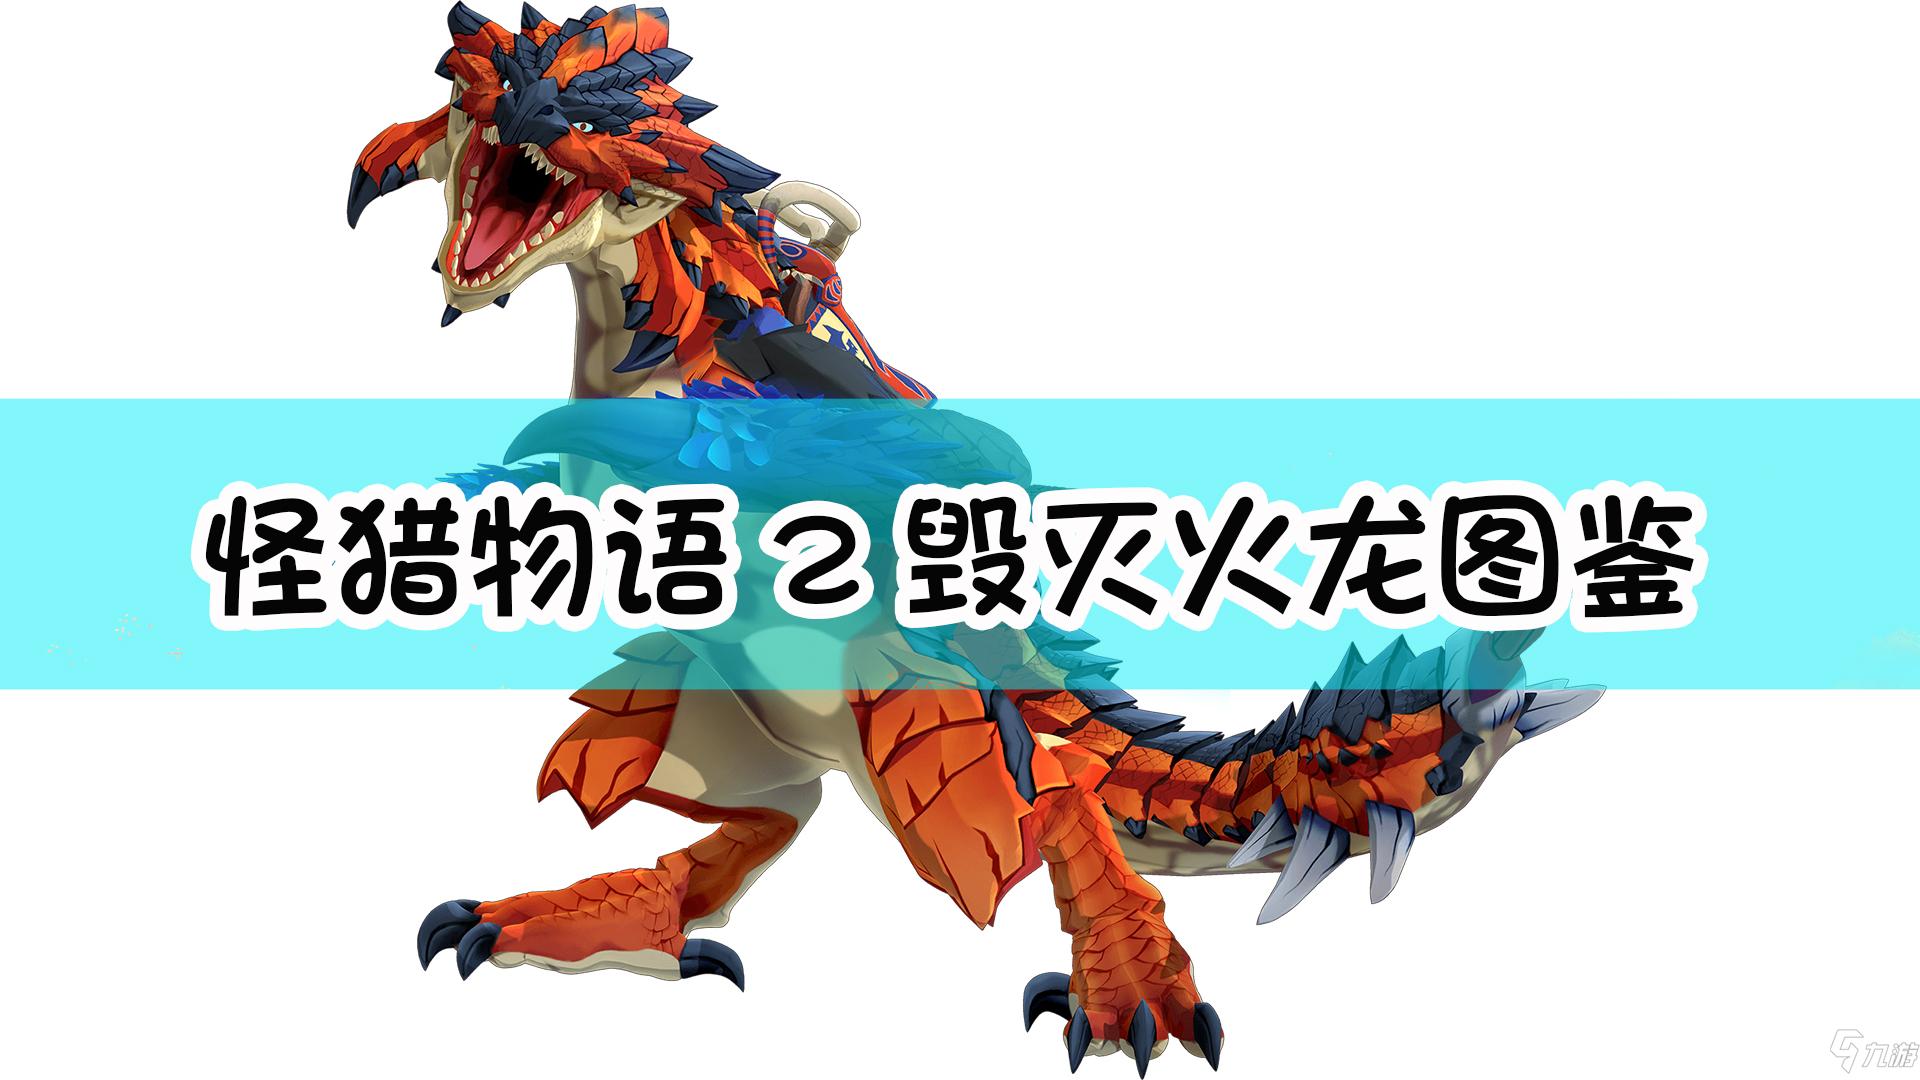 《怪物猎人物语2:毁灭之翼》毁灭火龙怎么样 毁灭火龙图鉴分享